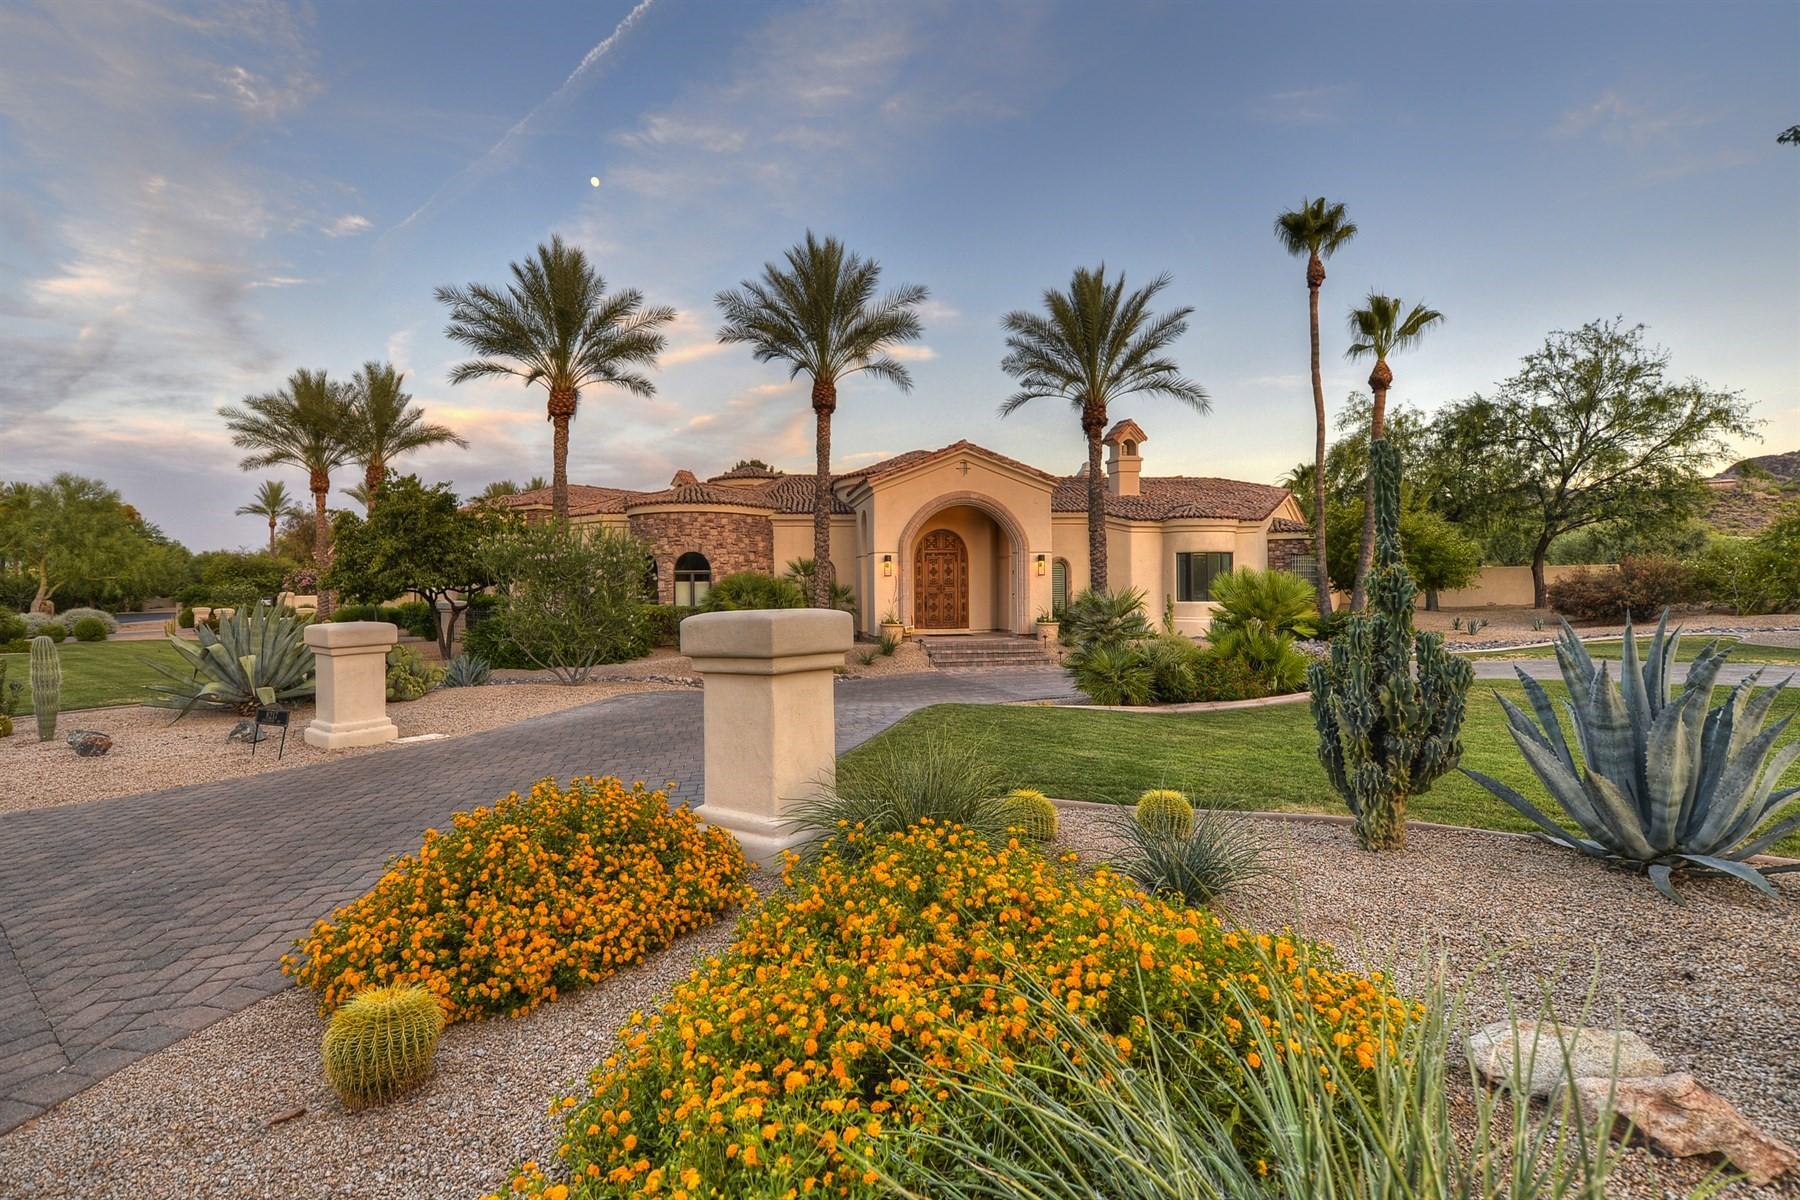 Частный односемейный дом для того Продажа на Newly updated Paradise Valley home 8217 N Coconino Rd, Paradise Valley, Аризона, 85253 Соединенные Штаты